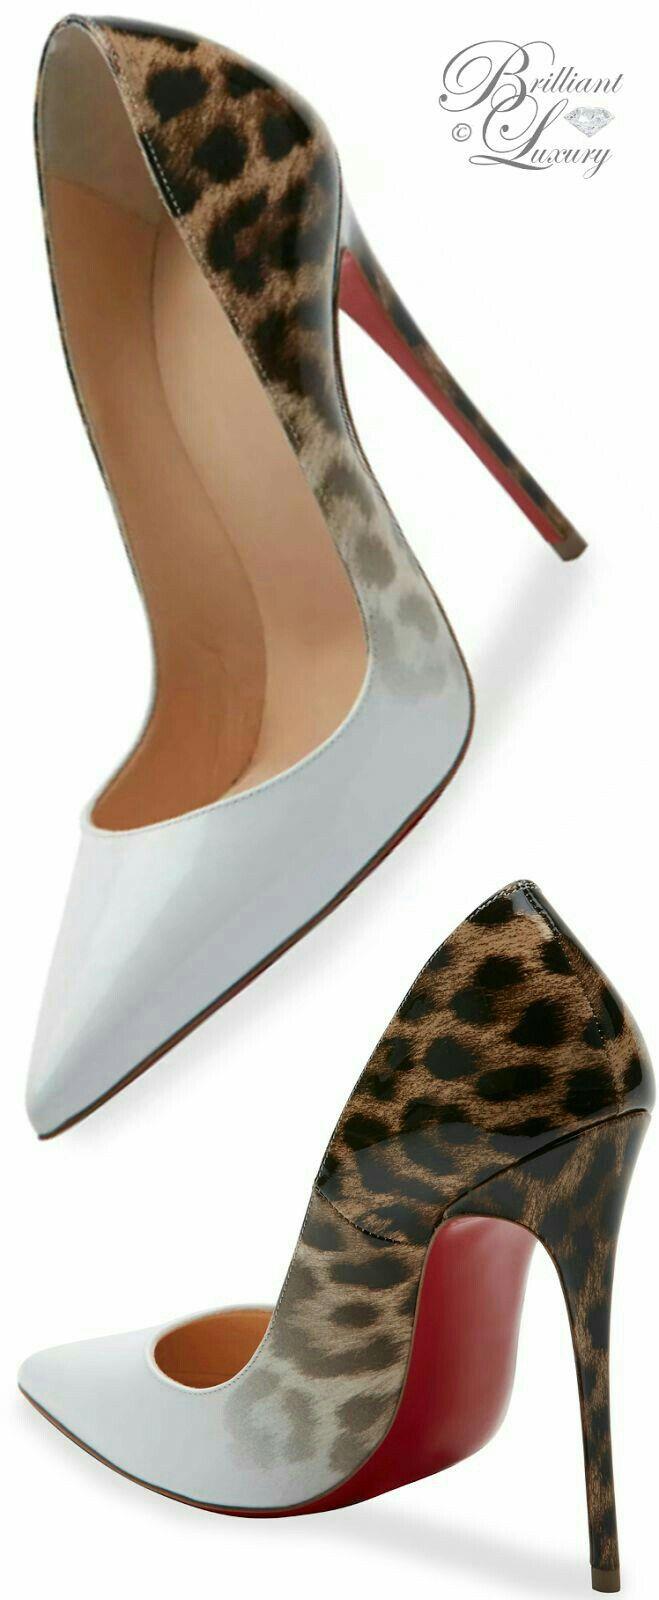 Chaussures Maison Bottes Thème Léopard - Noir / Blanc - M Lr41rUbh